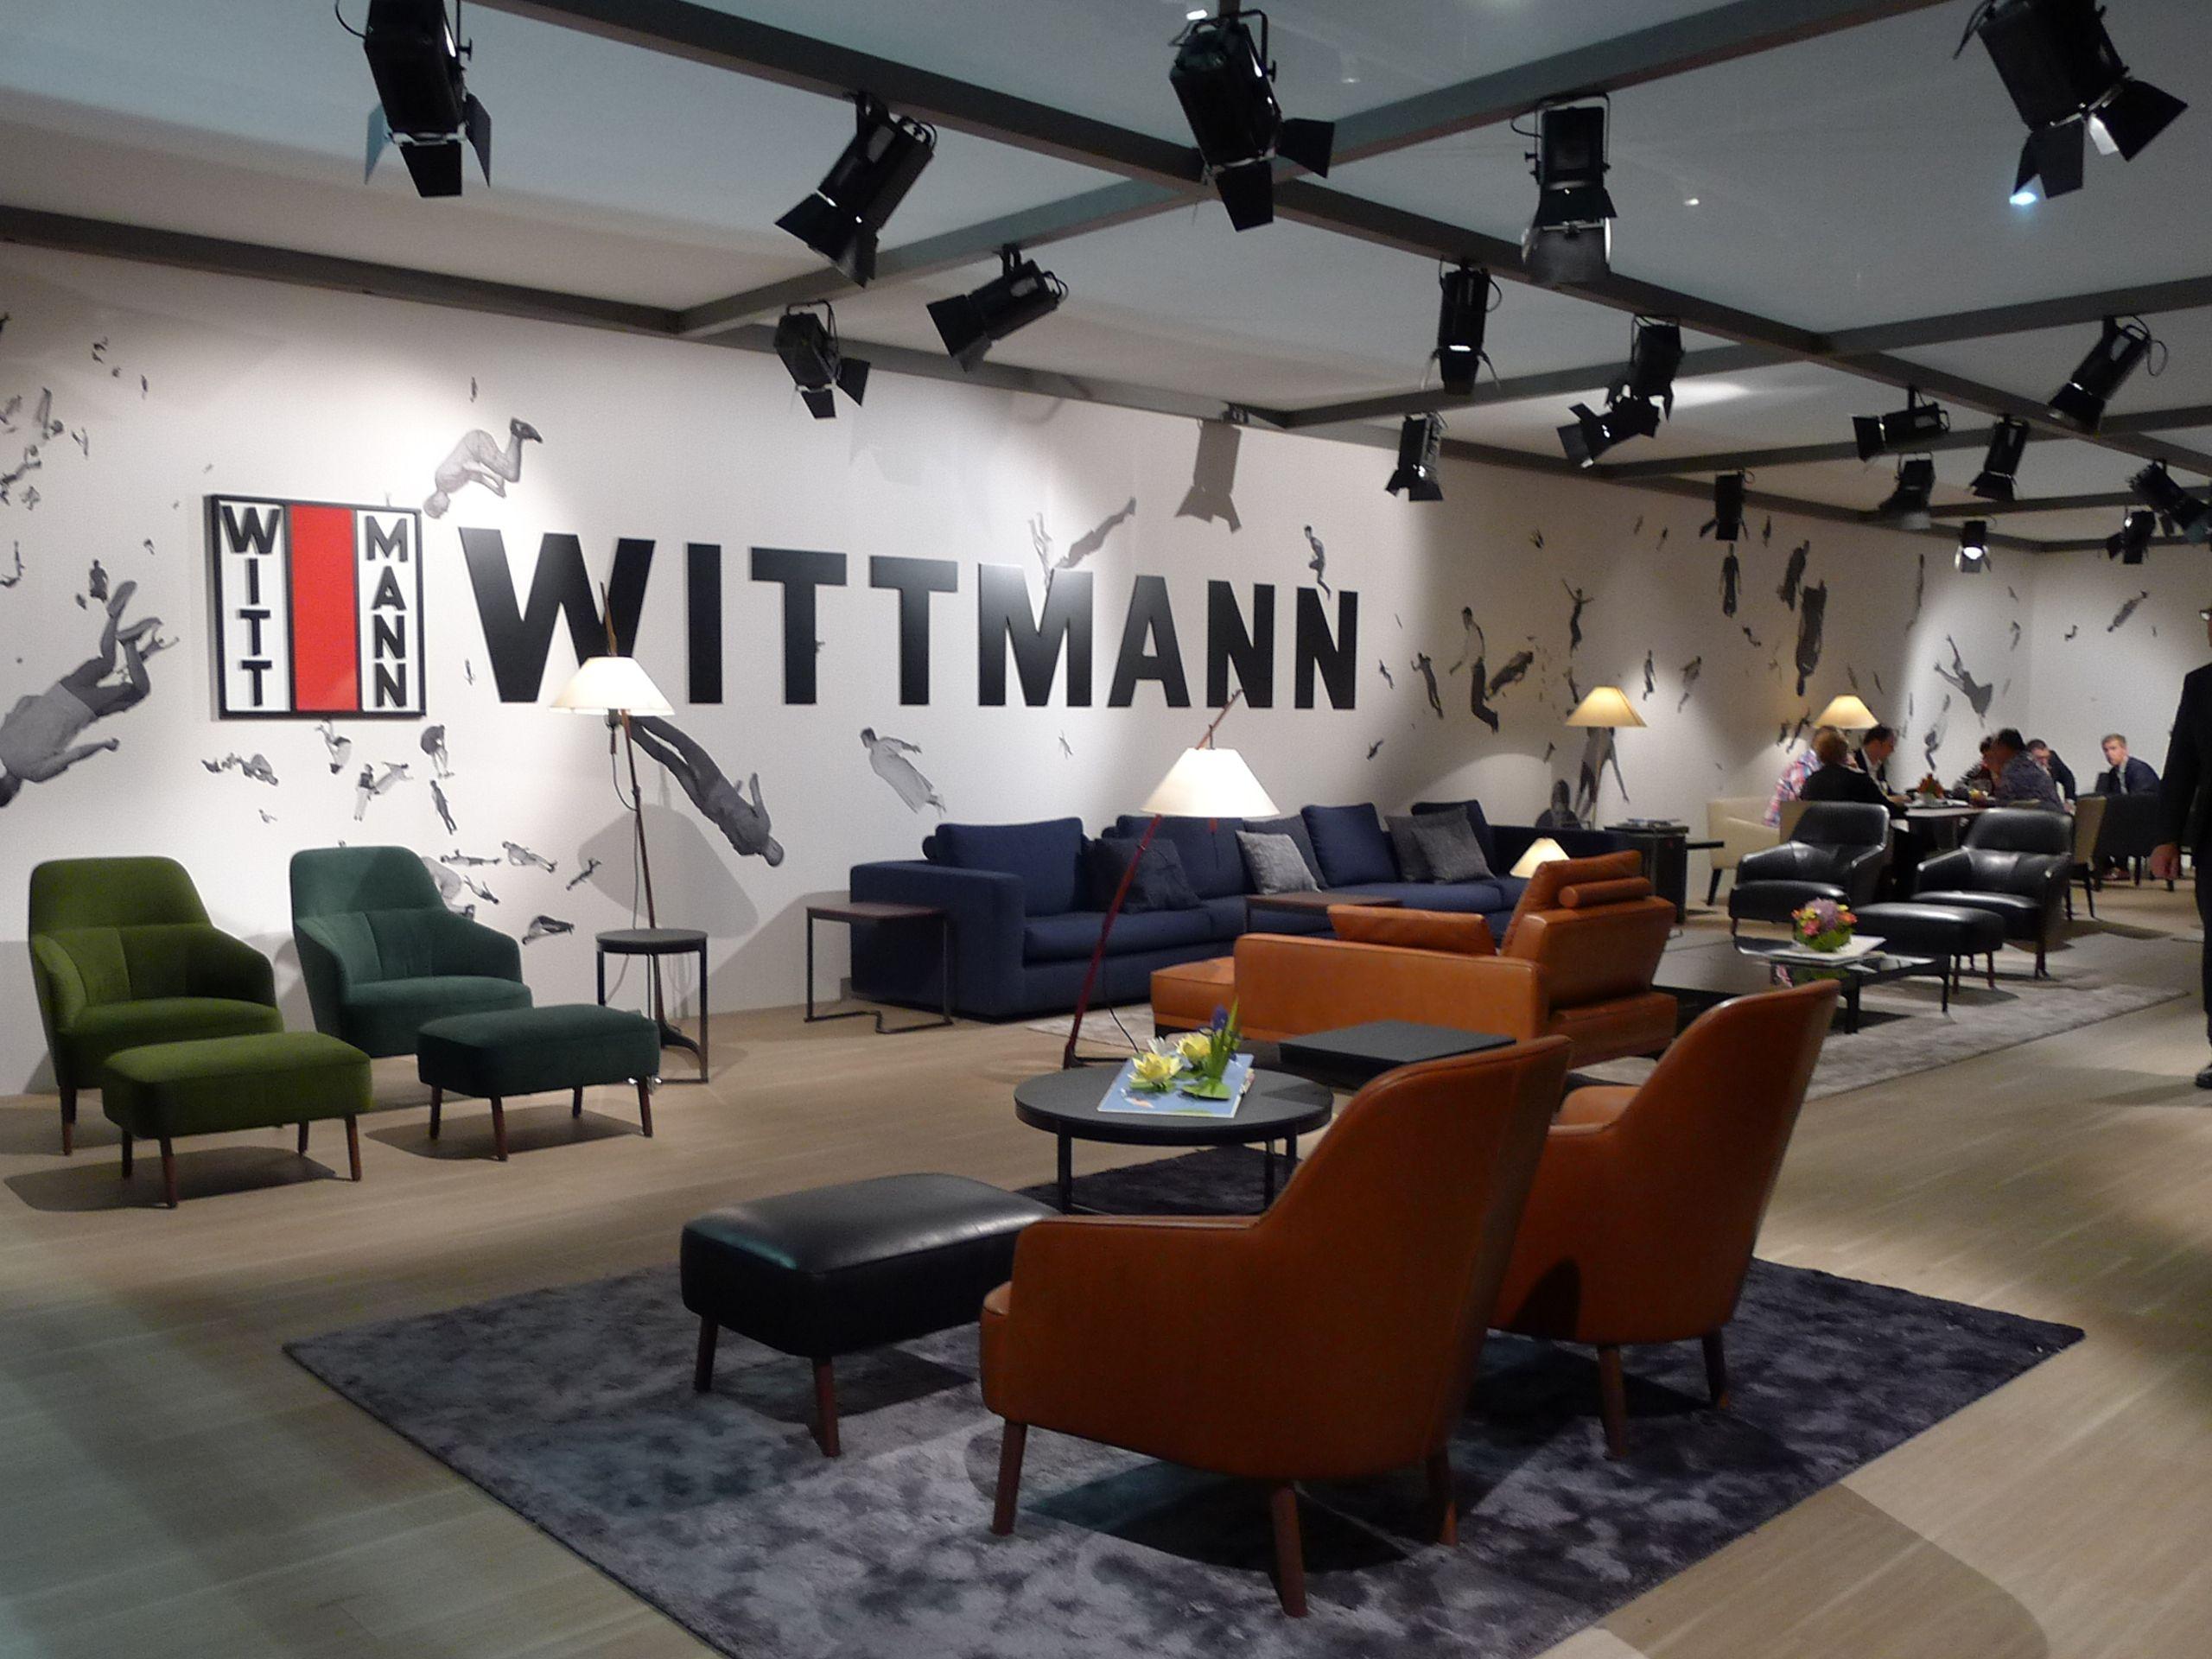 Wohnideen Luzern 2015 salonemobili wittmann mono wohnidee luzern messen